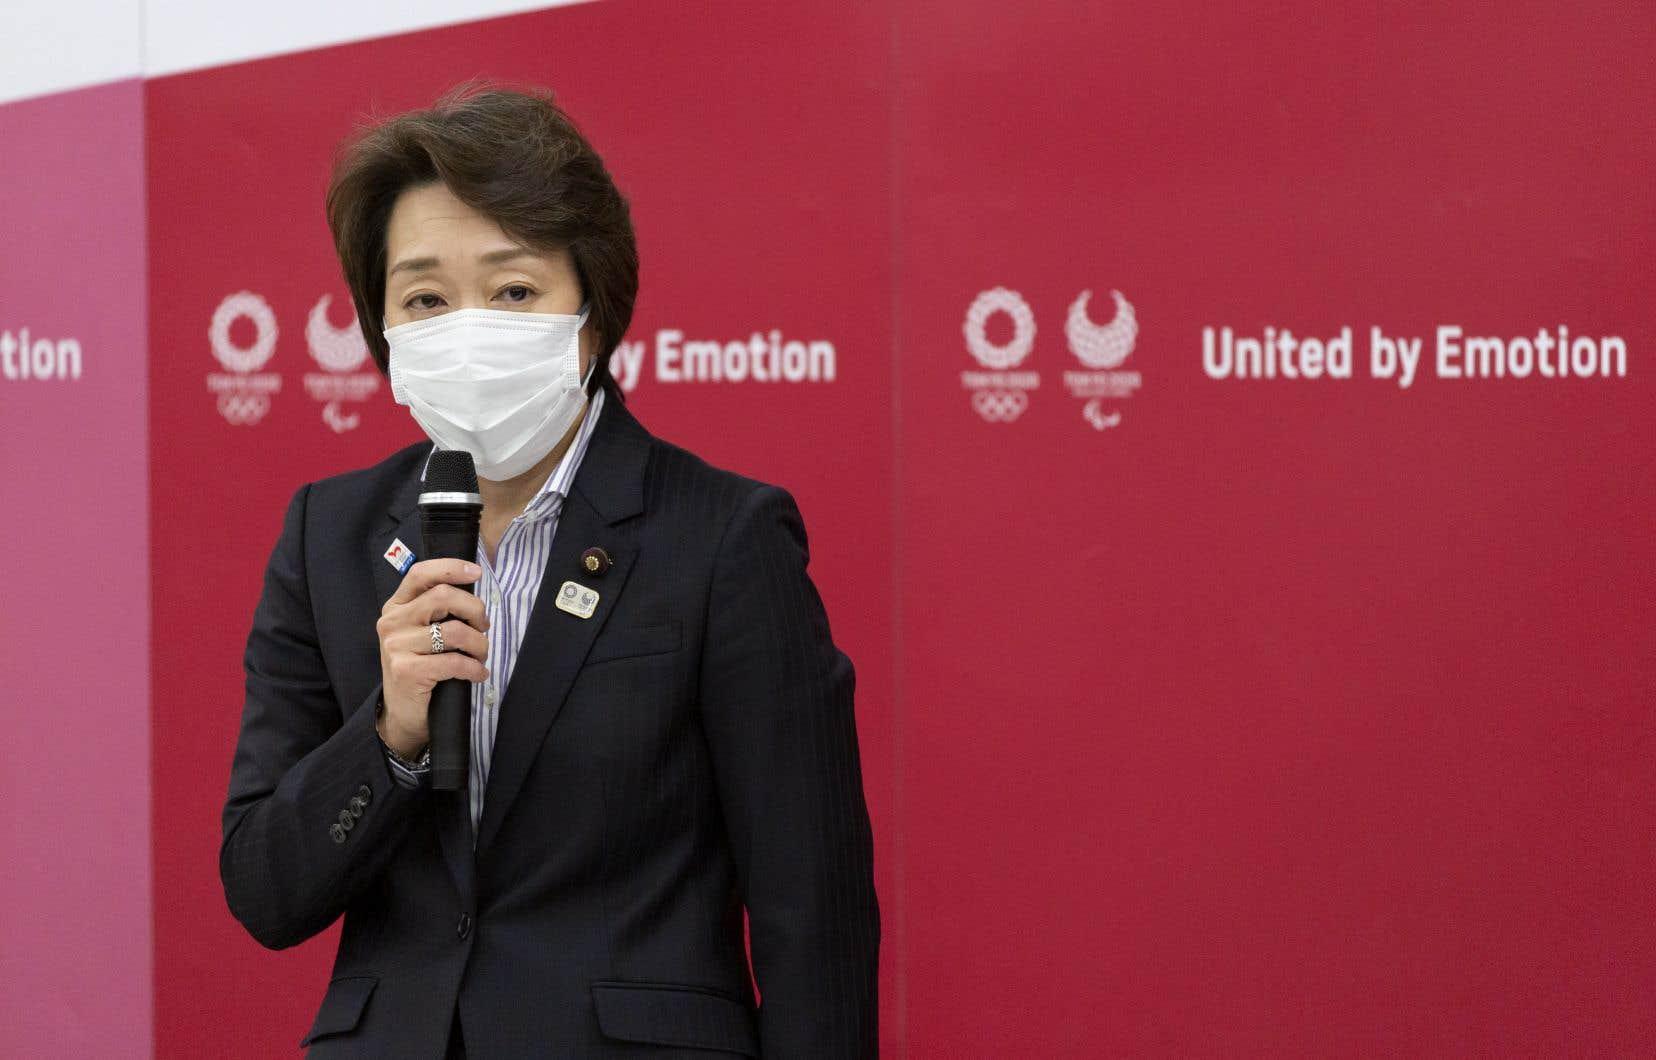 Seiko Hashimotoa écrit une nouvelle page d'histoire jeudi au Japon, où la représentativité féminine est encore timide au sein des conseils d'administration des grandes entreprises et au sein des postes clés du gouvernement.